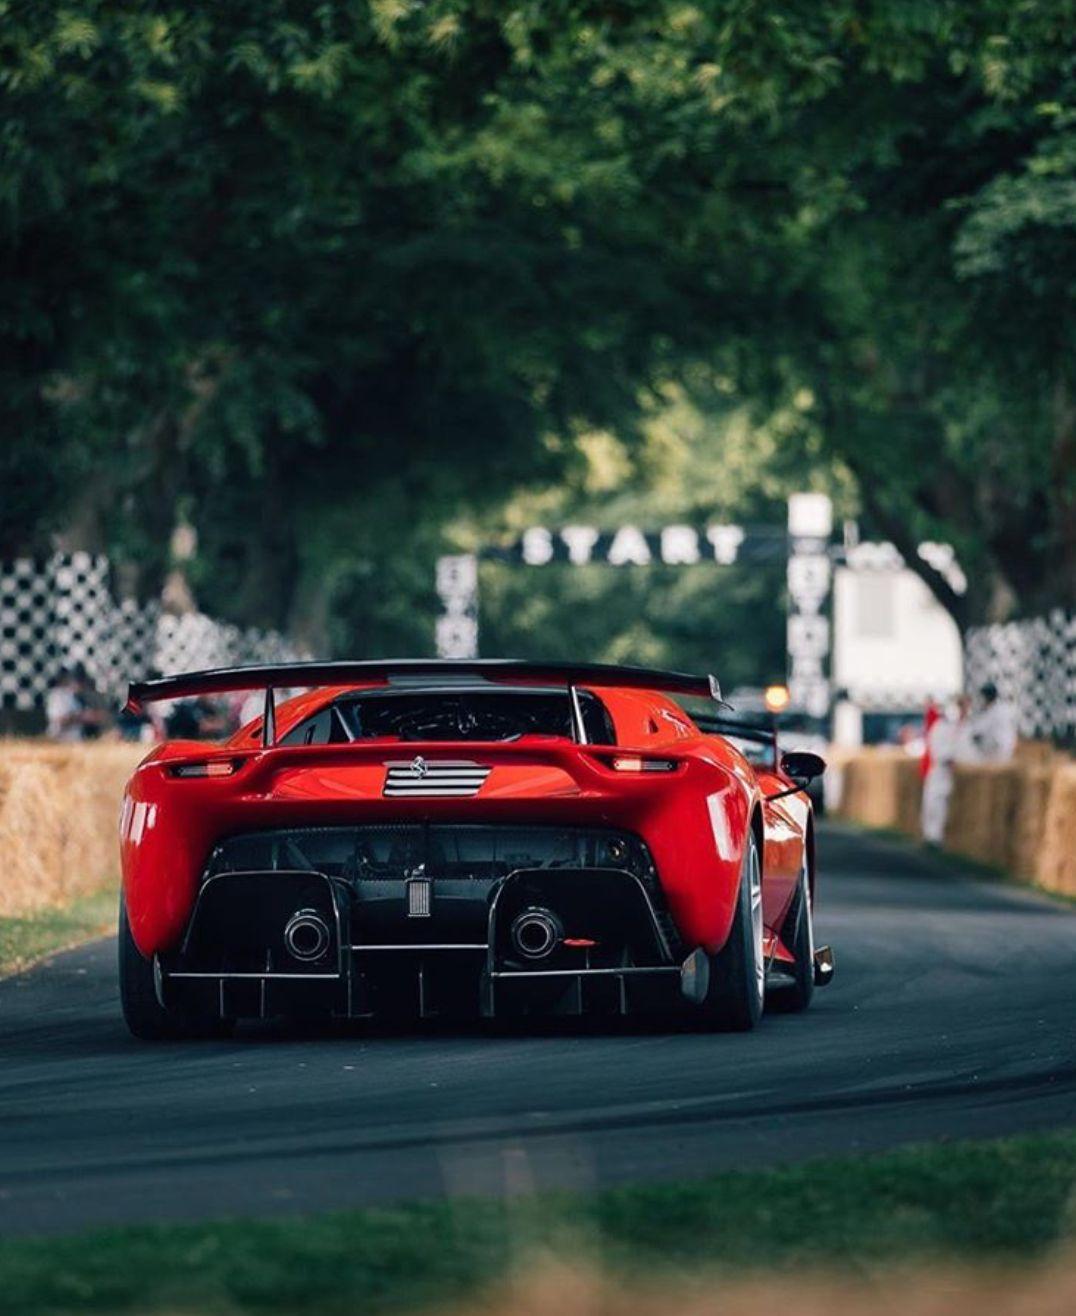 P80 C 1of1 Ferrari Motores Modelos